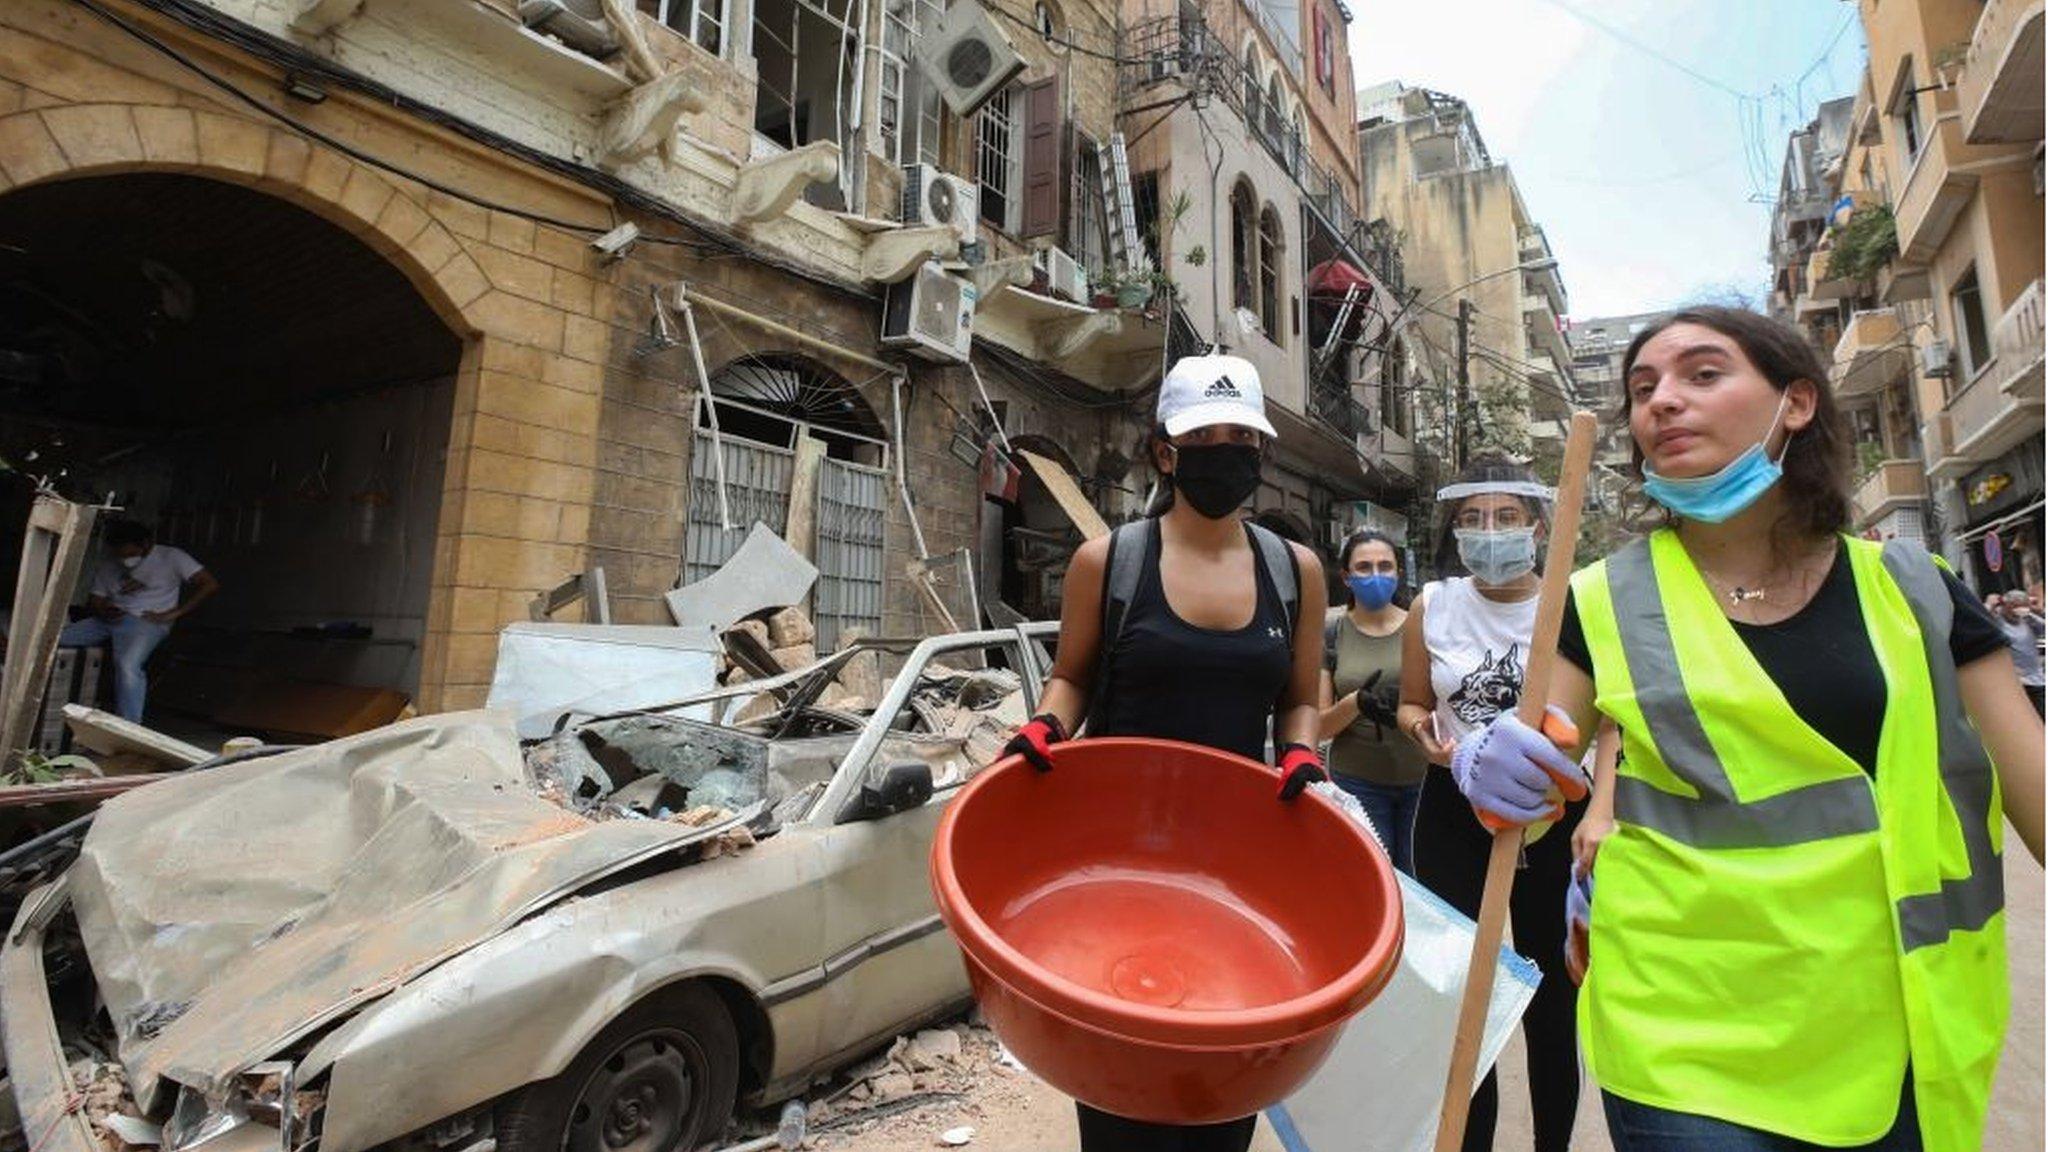 انفجار بيروت: مبادرات إنسانية ولدت من رحم الكارثة